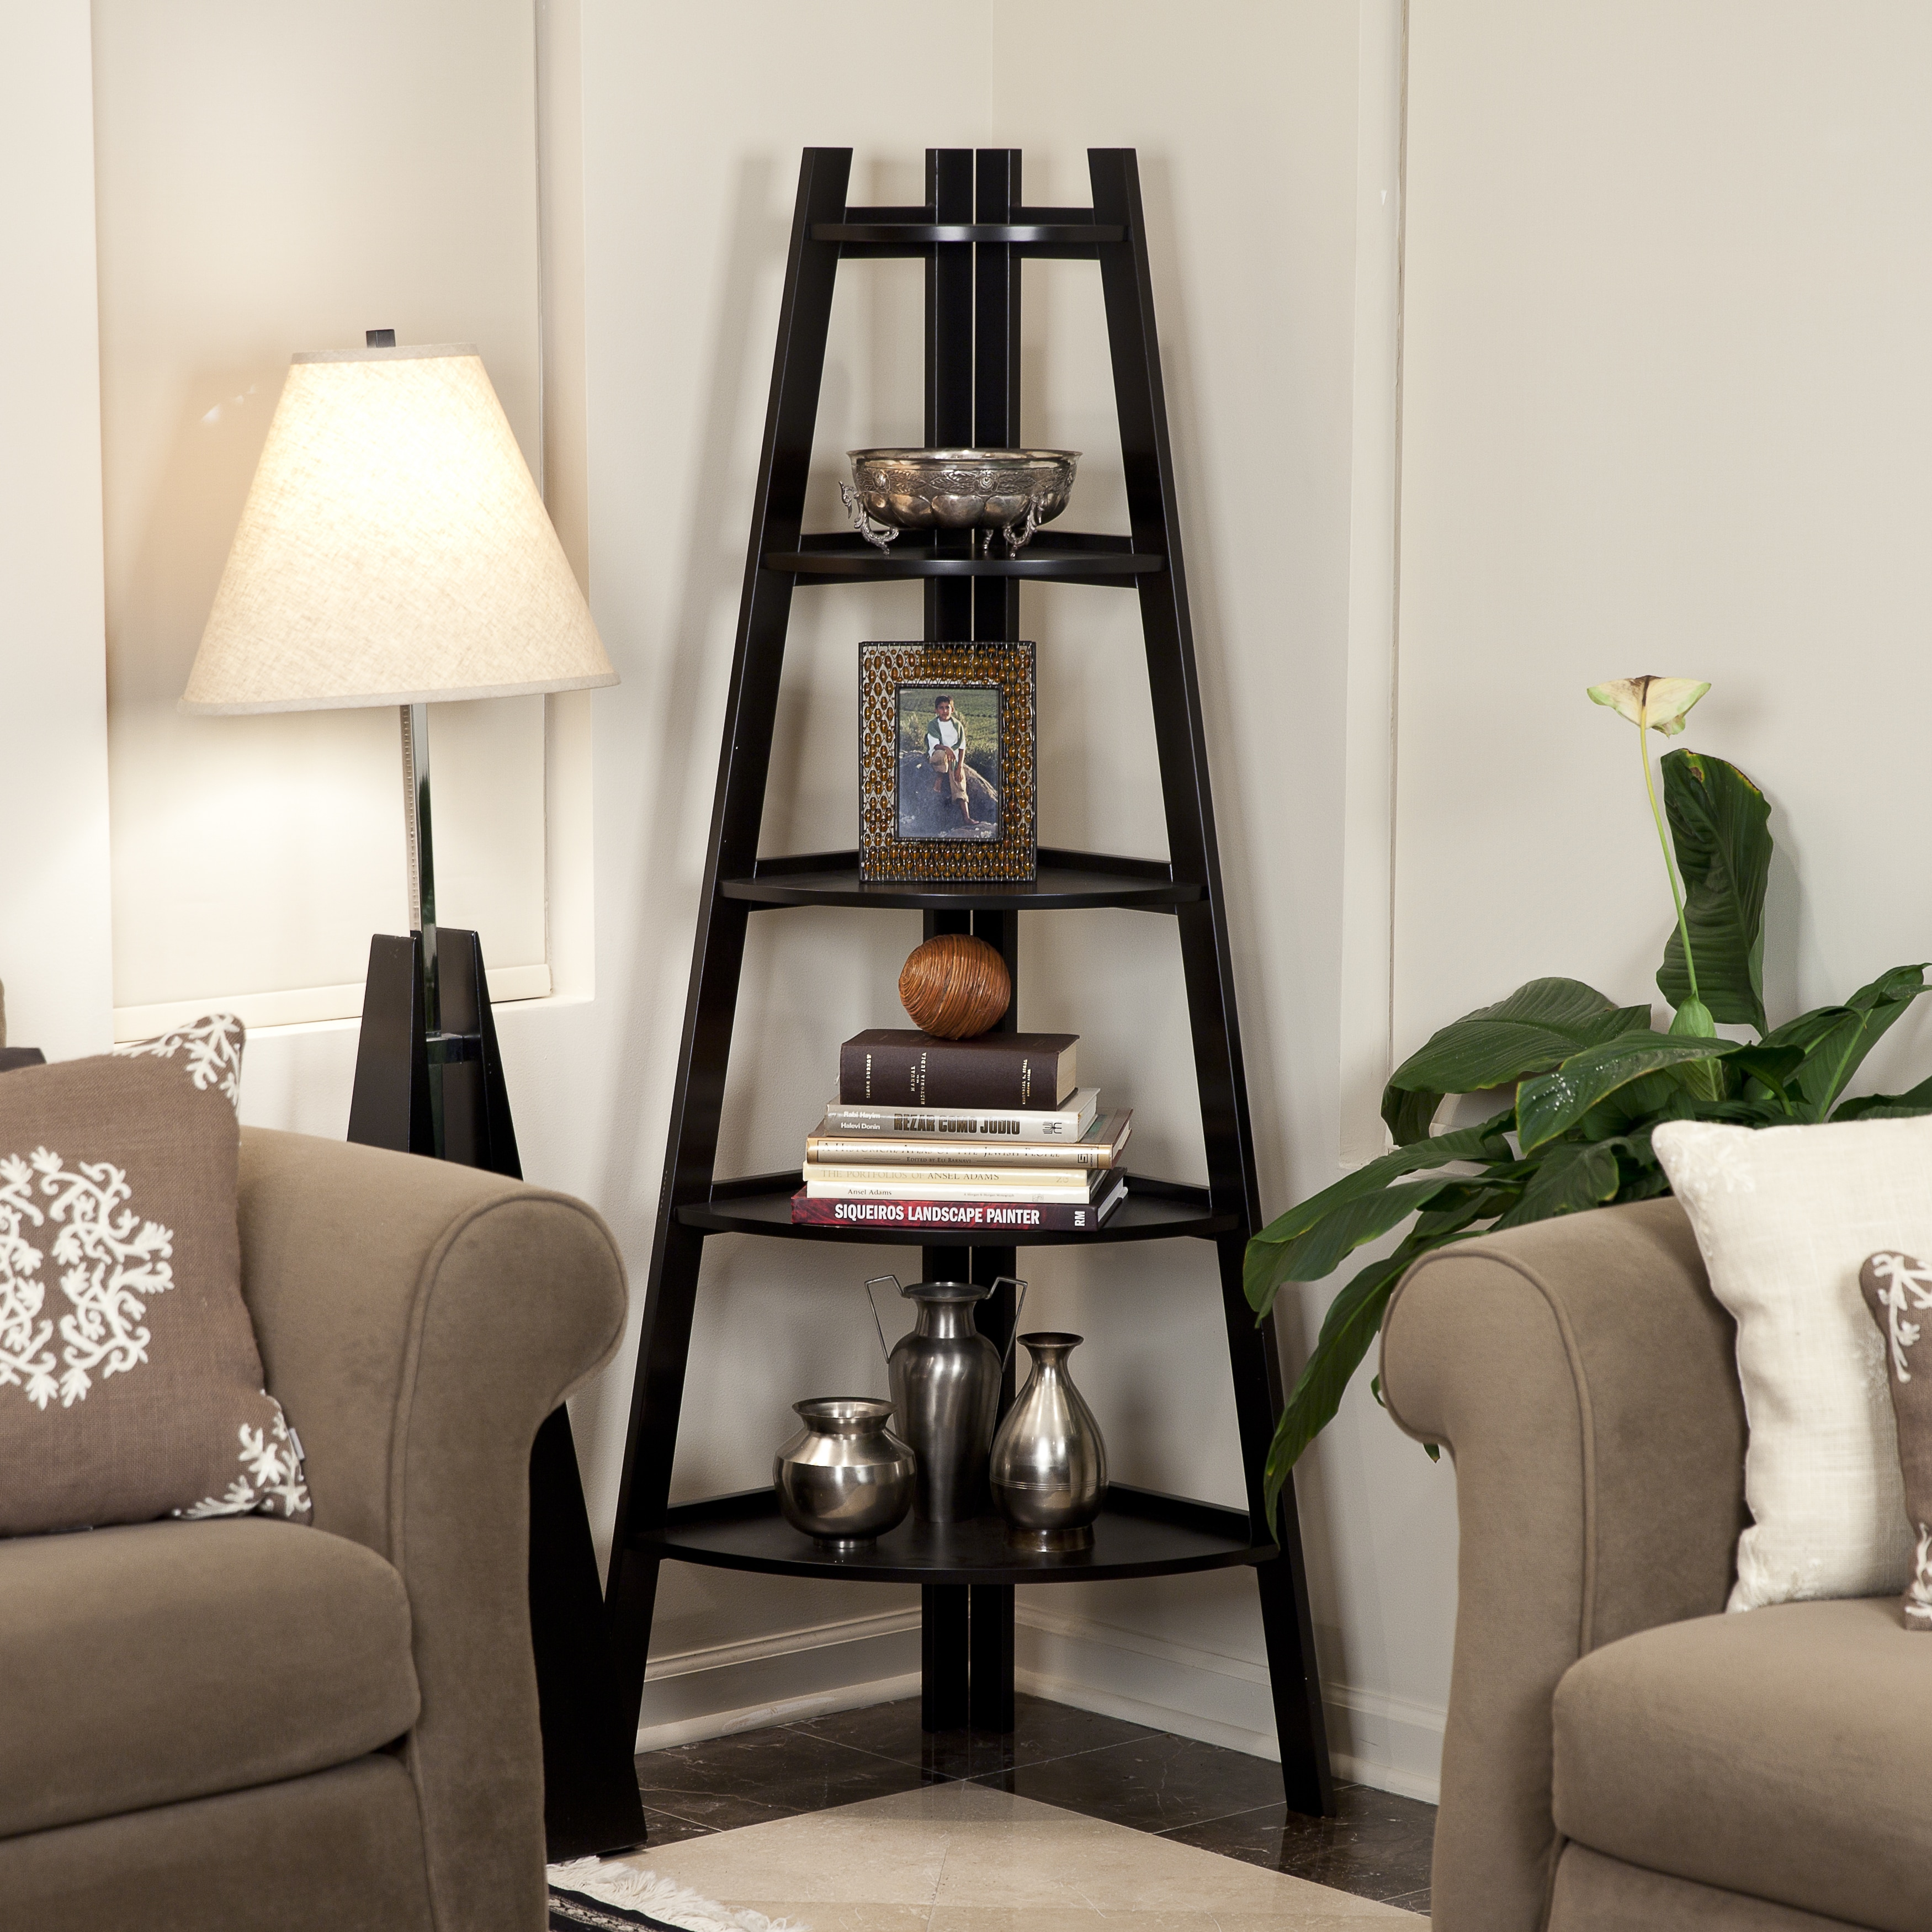 Porch & Den Montclair Midland 5-tier Espresso Corner Ladder Display Bookshelf